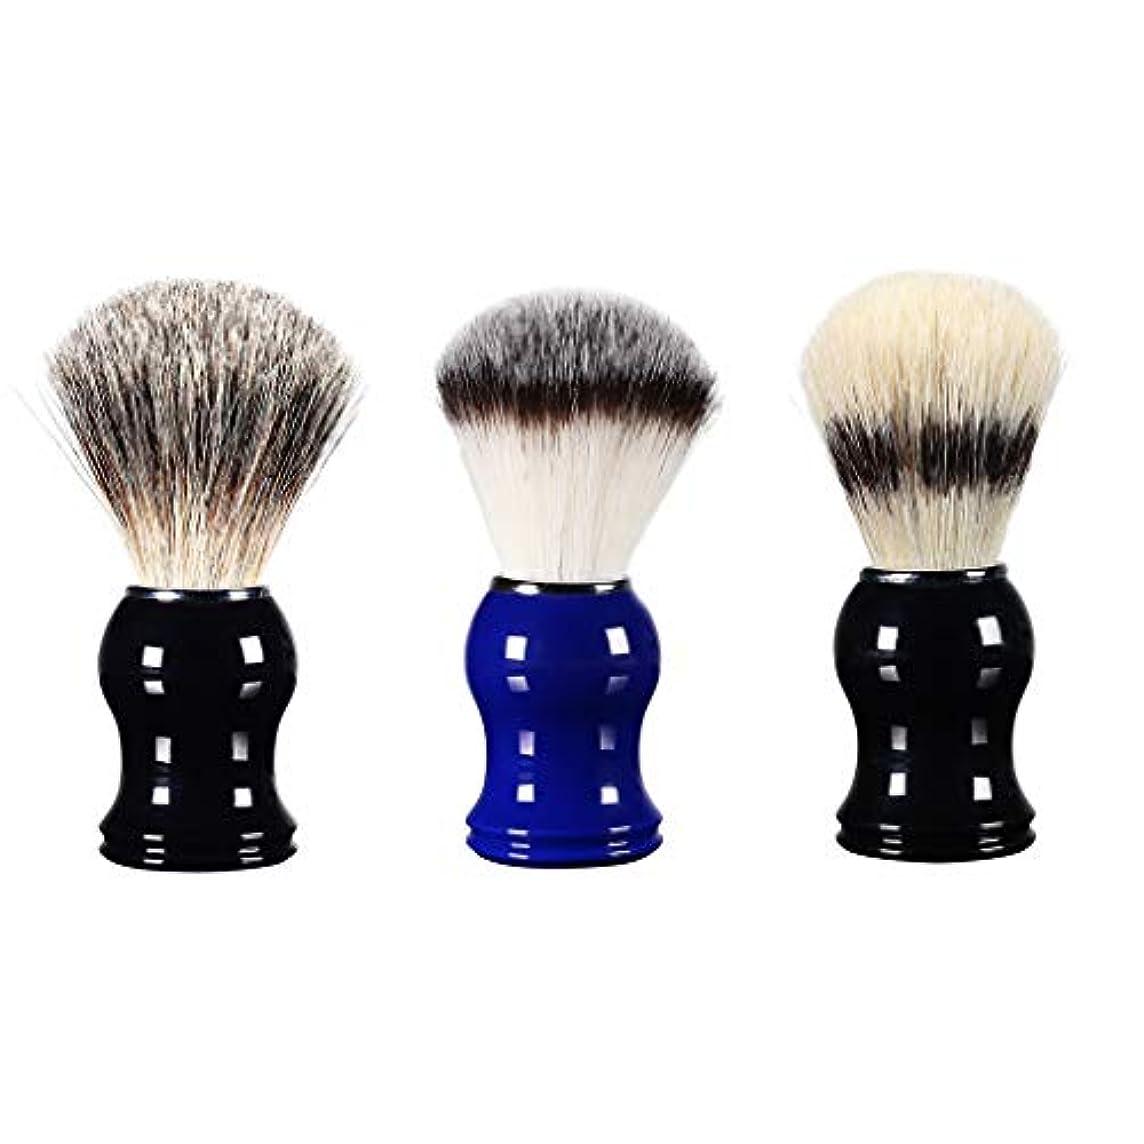 難しい細心のタフメンズ用 髭剃り シェービングブラシ 樹脂ハ ンドル 理容 洗顔 髭剃り 男性 ギフト 3個入